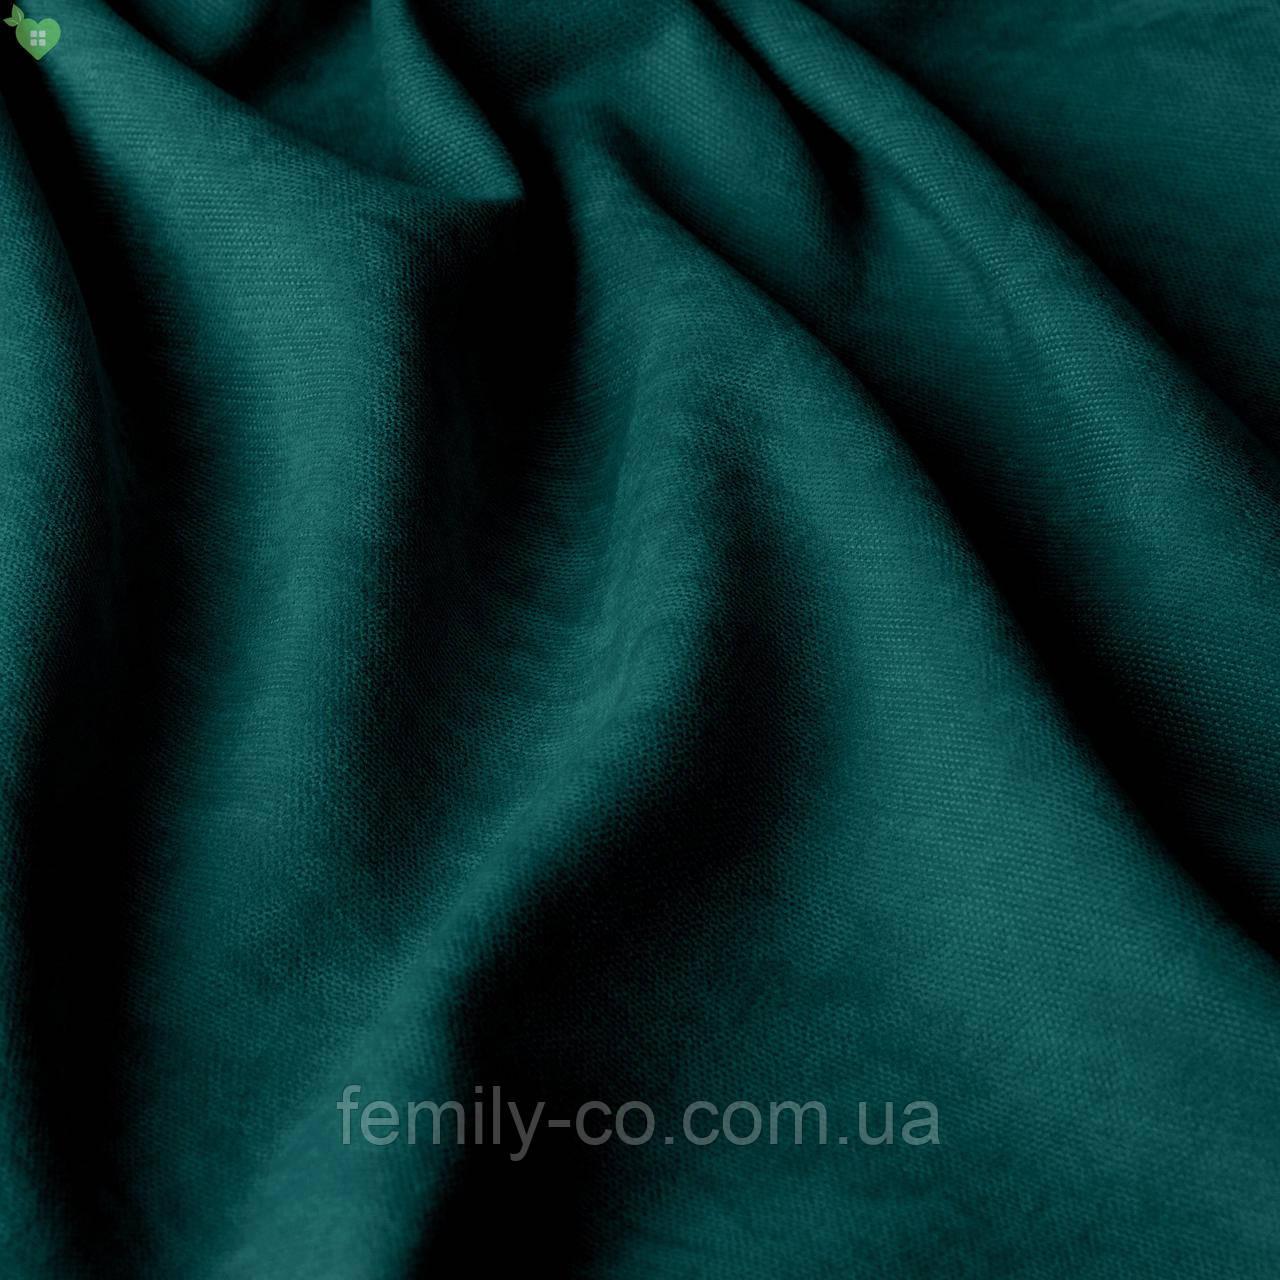 Однотонная декоративная ткань велюр зеленый 84369v23